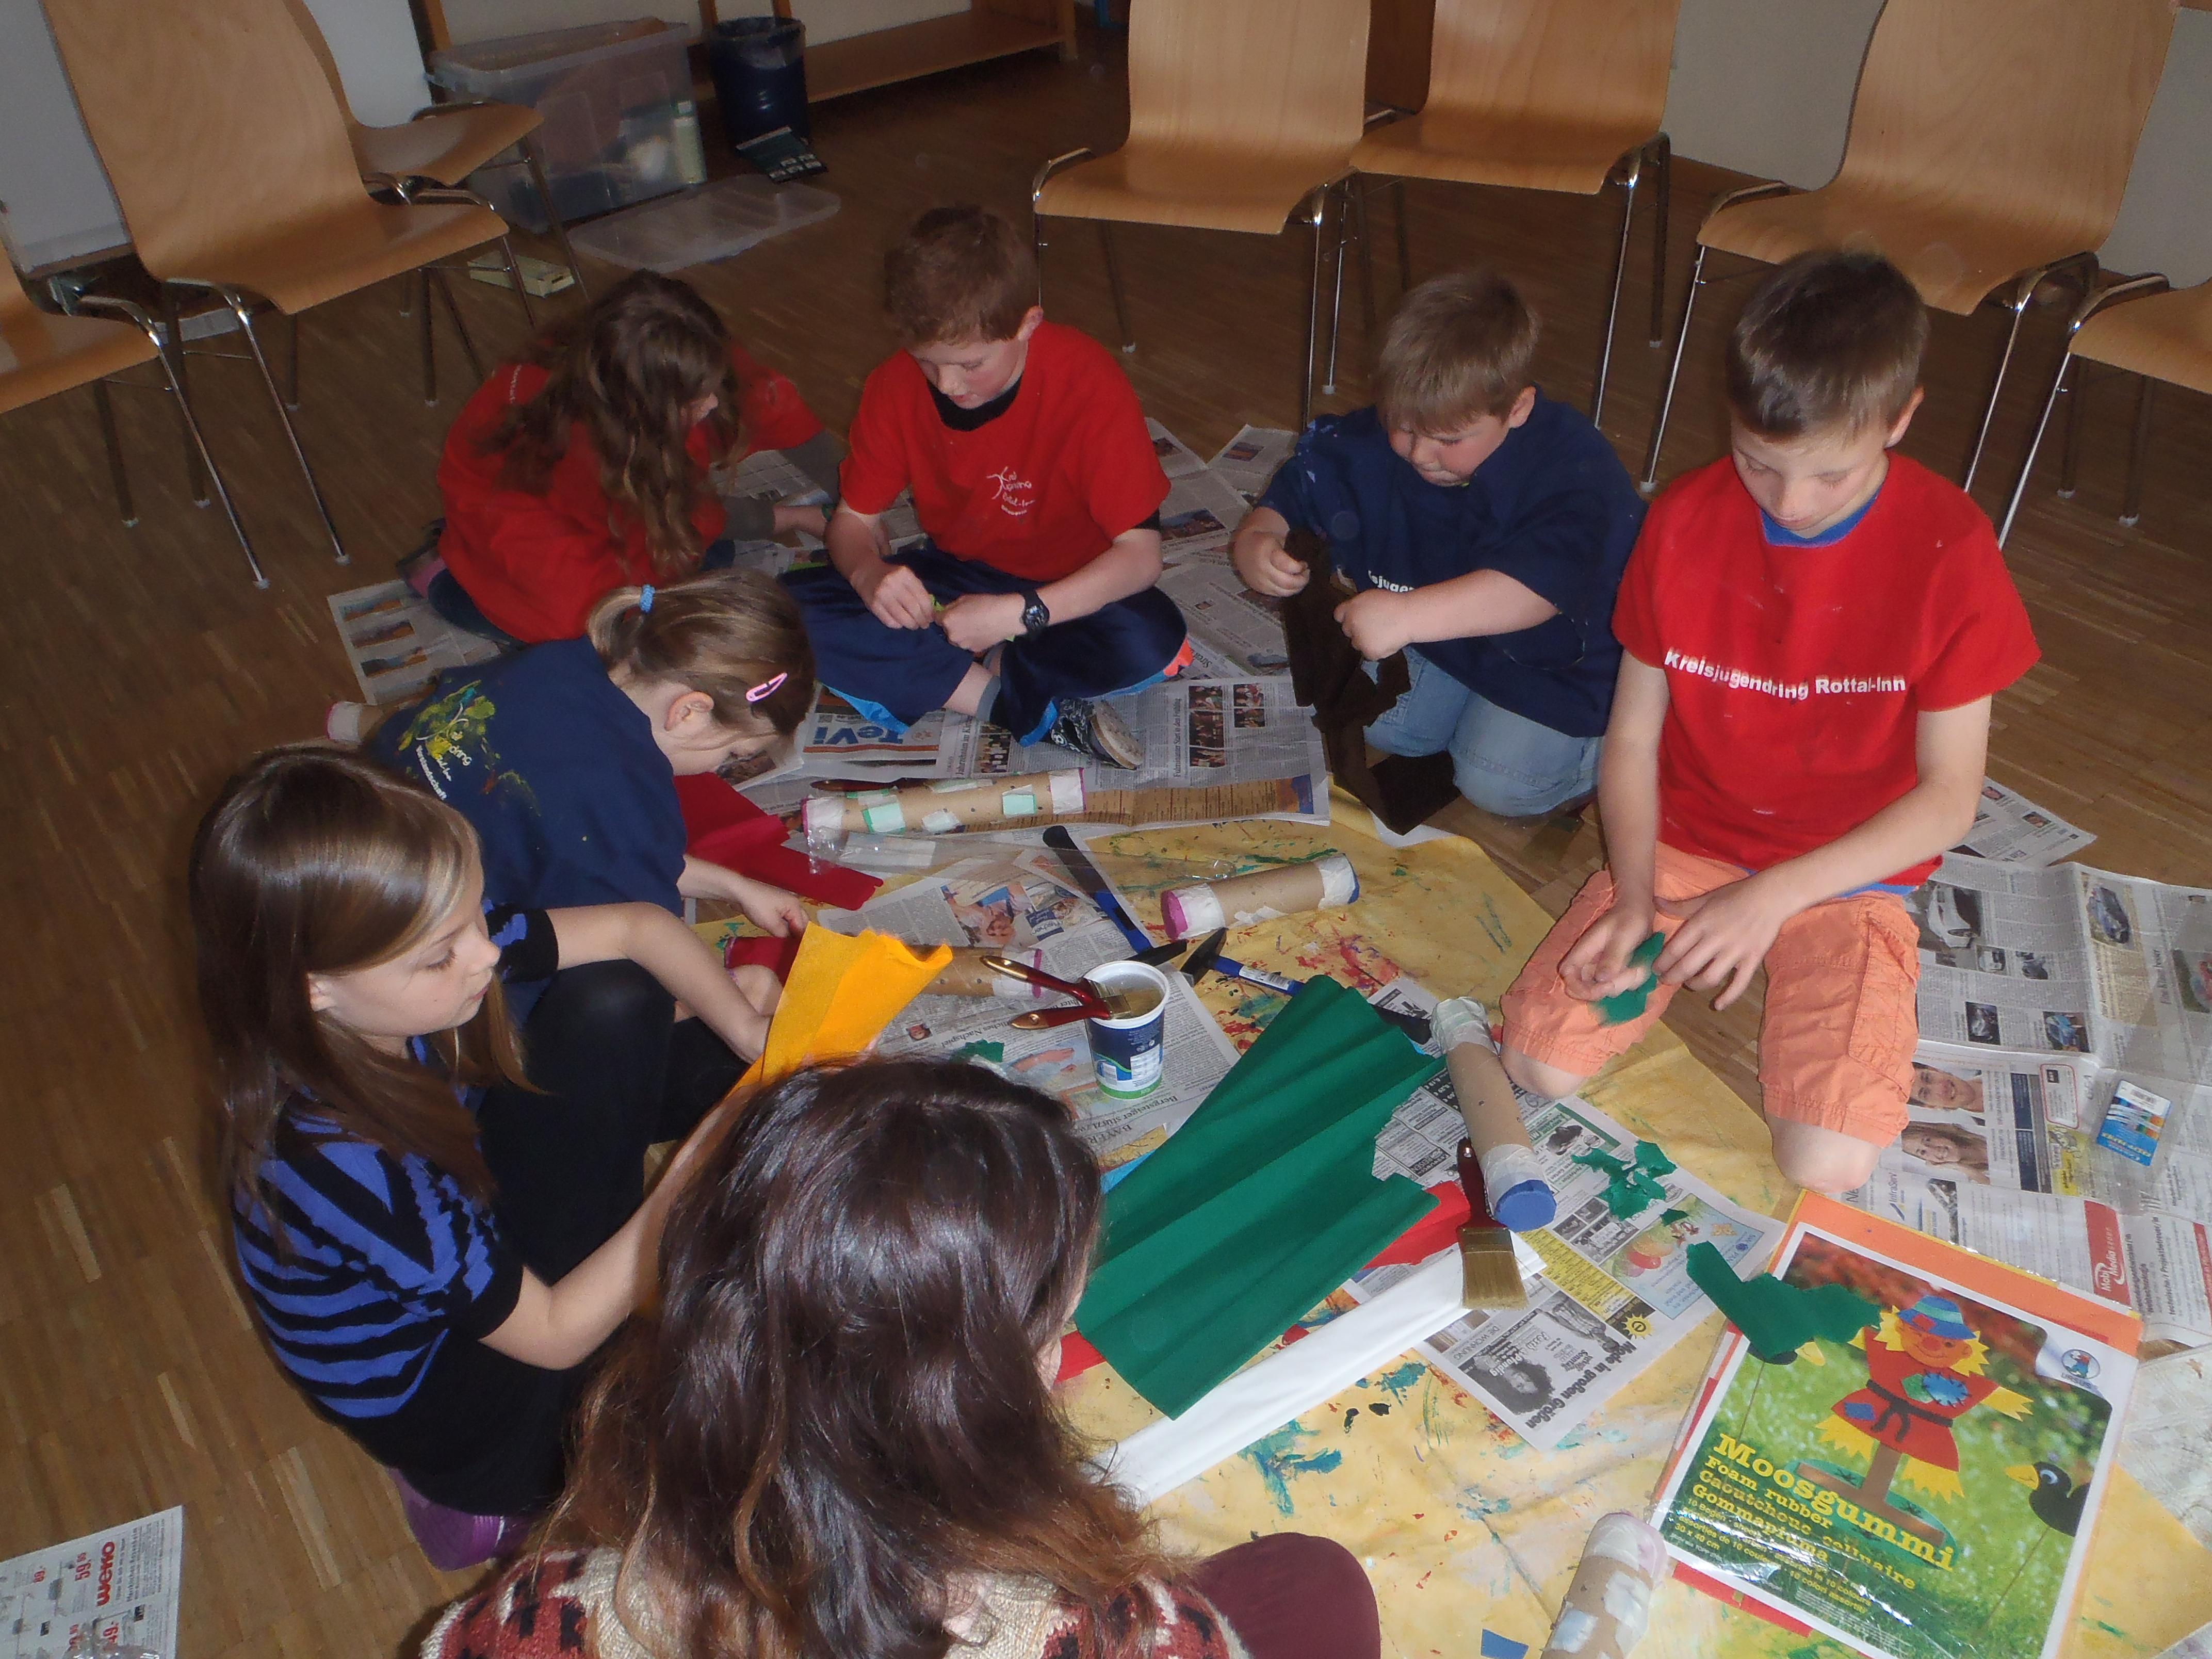 Erlebnistage für Kinder (6 bis 9 Jahre)